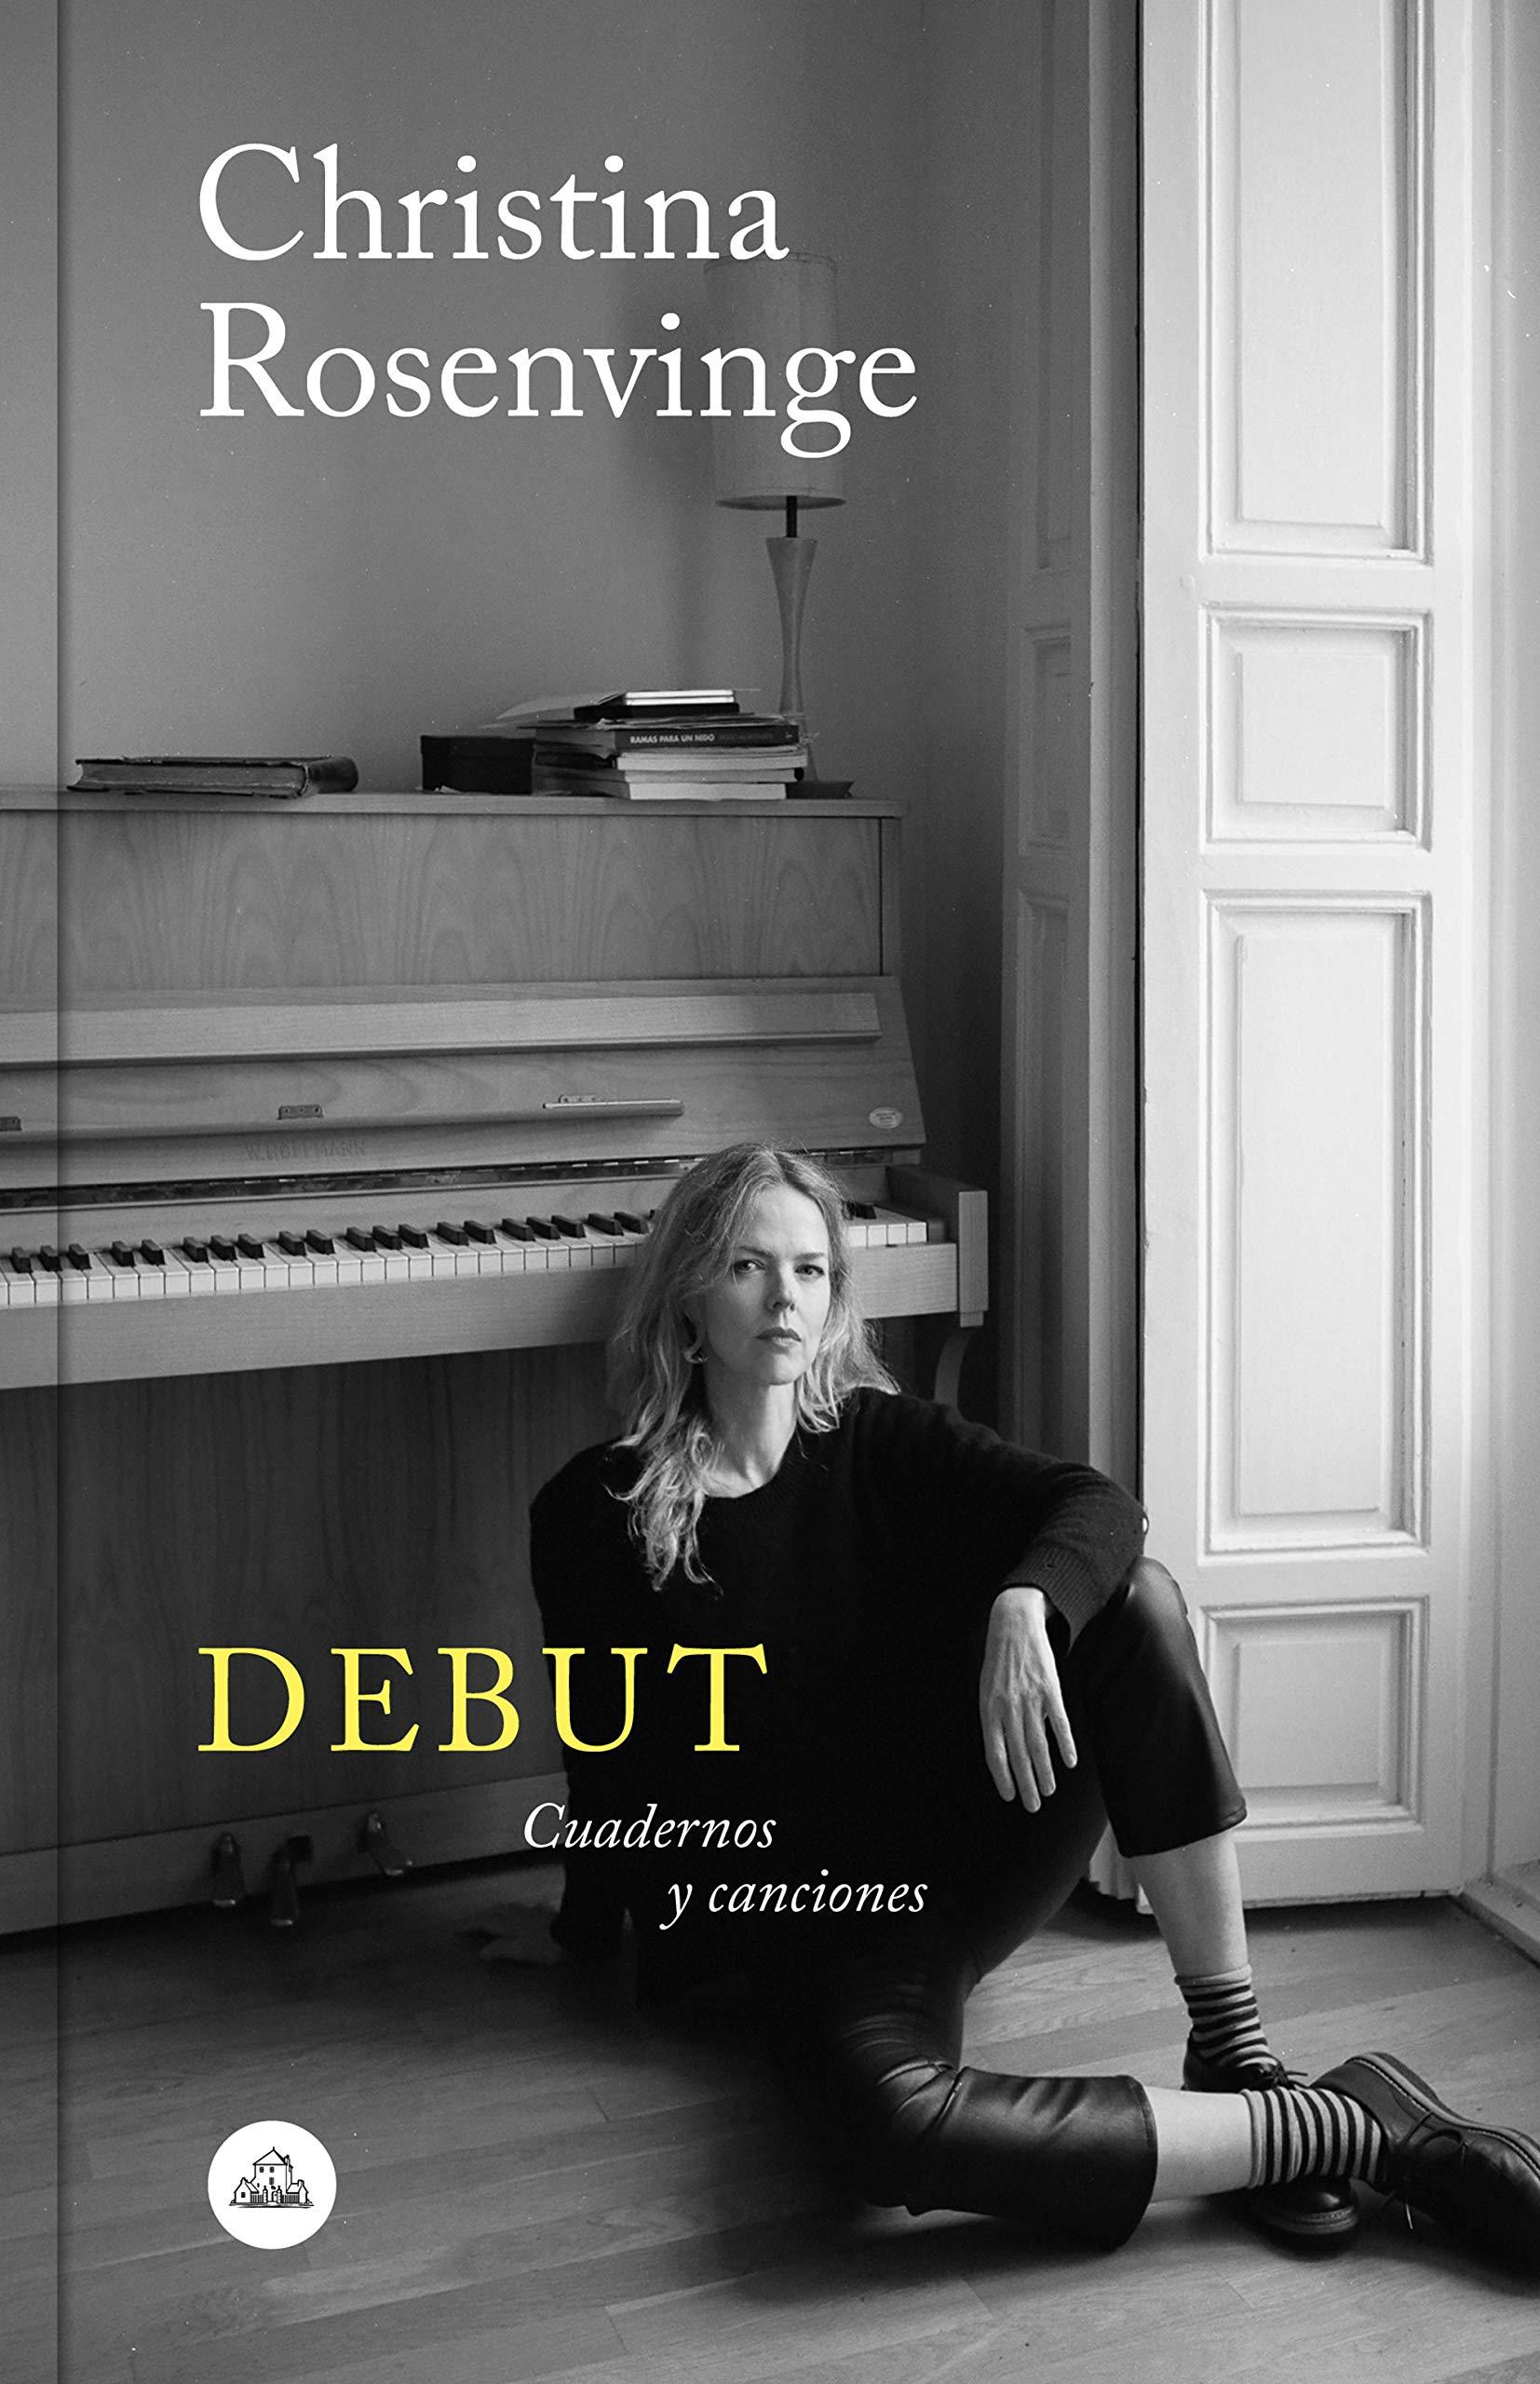 Debut. Cuadernos y canciones (Christina Rosenvinge, 2019)